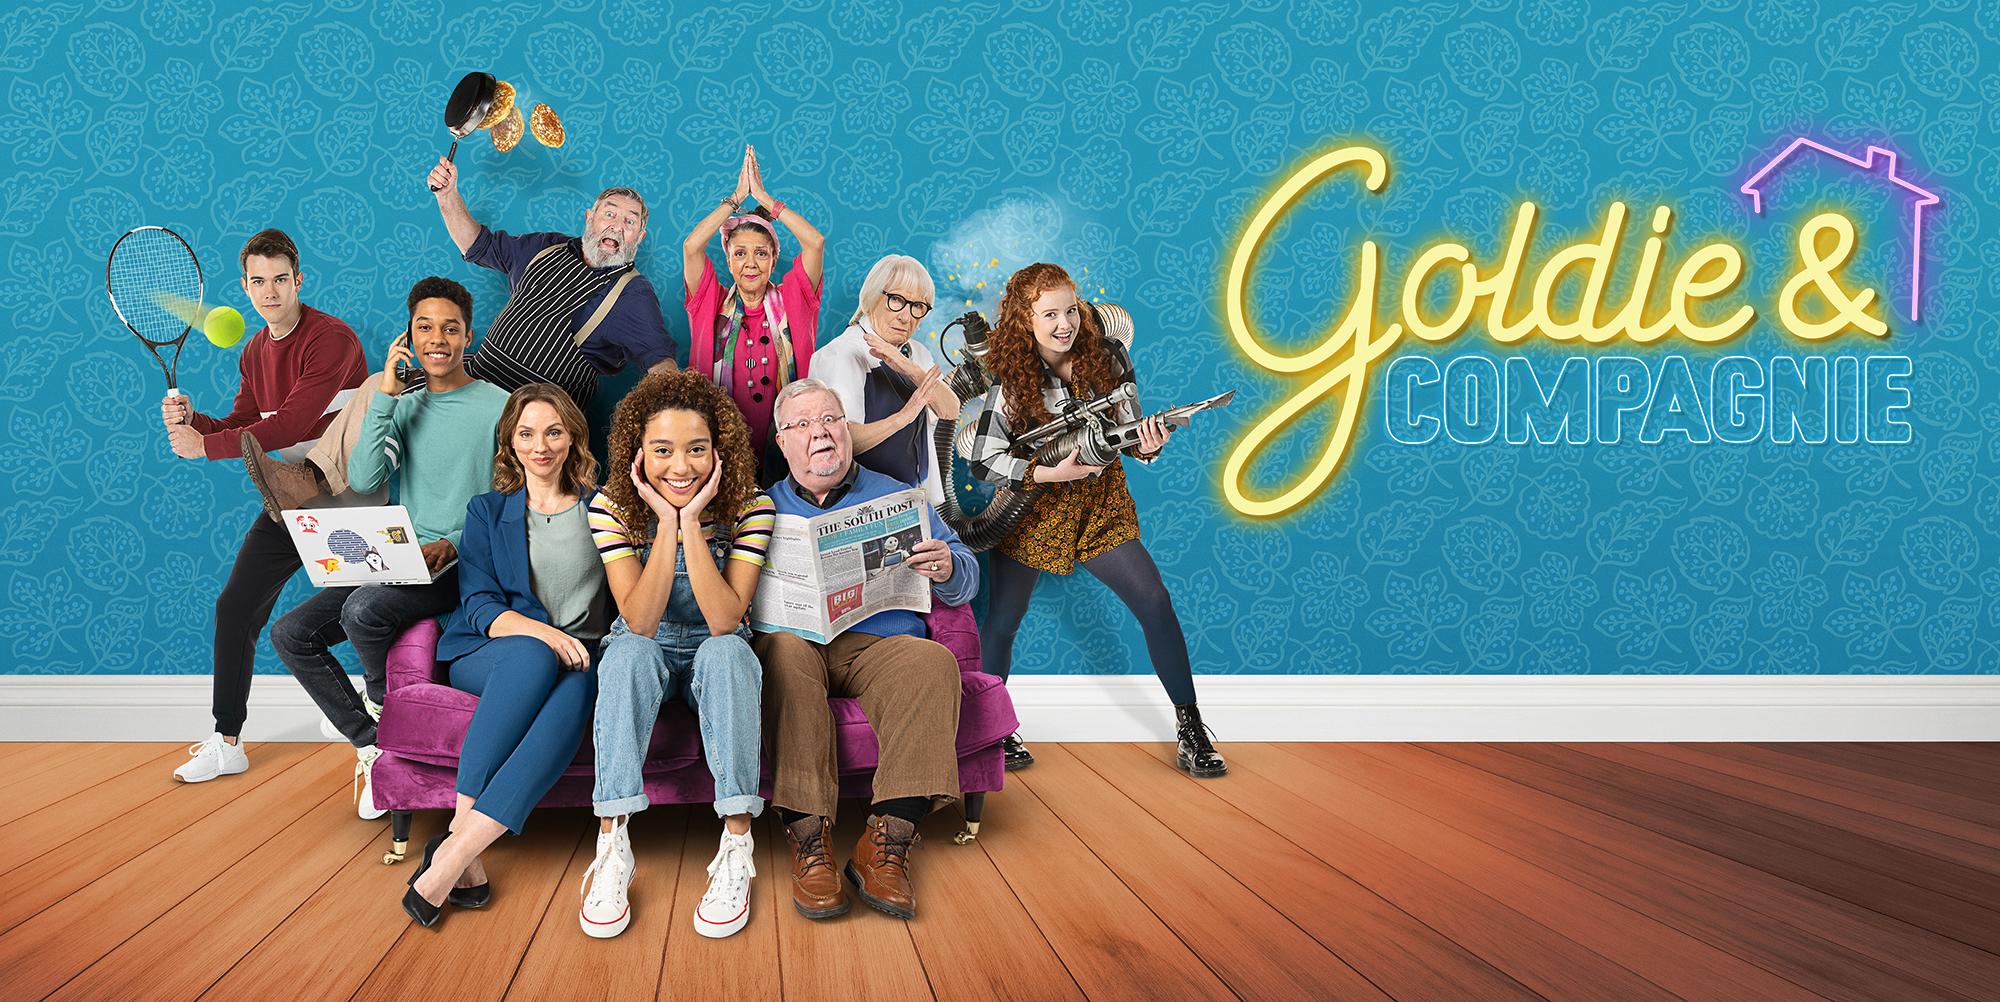 GOLDIE & COMPAGNIE - La nouvelle série de NICKELODEON TEEN arrive dès le 24 mai